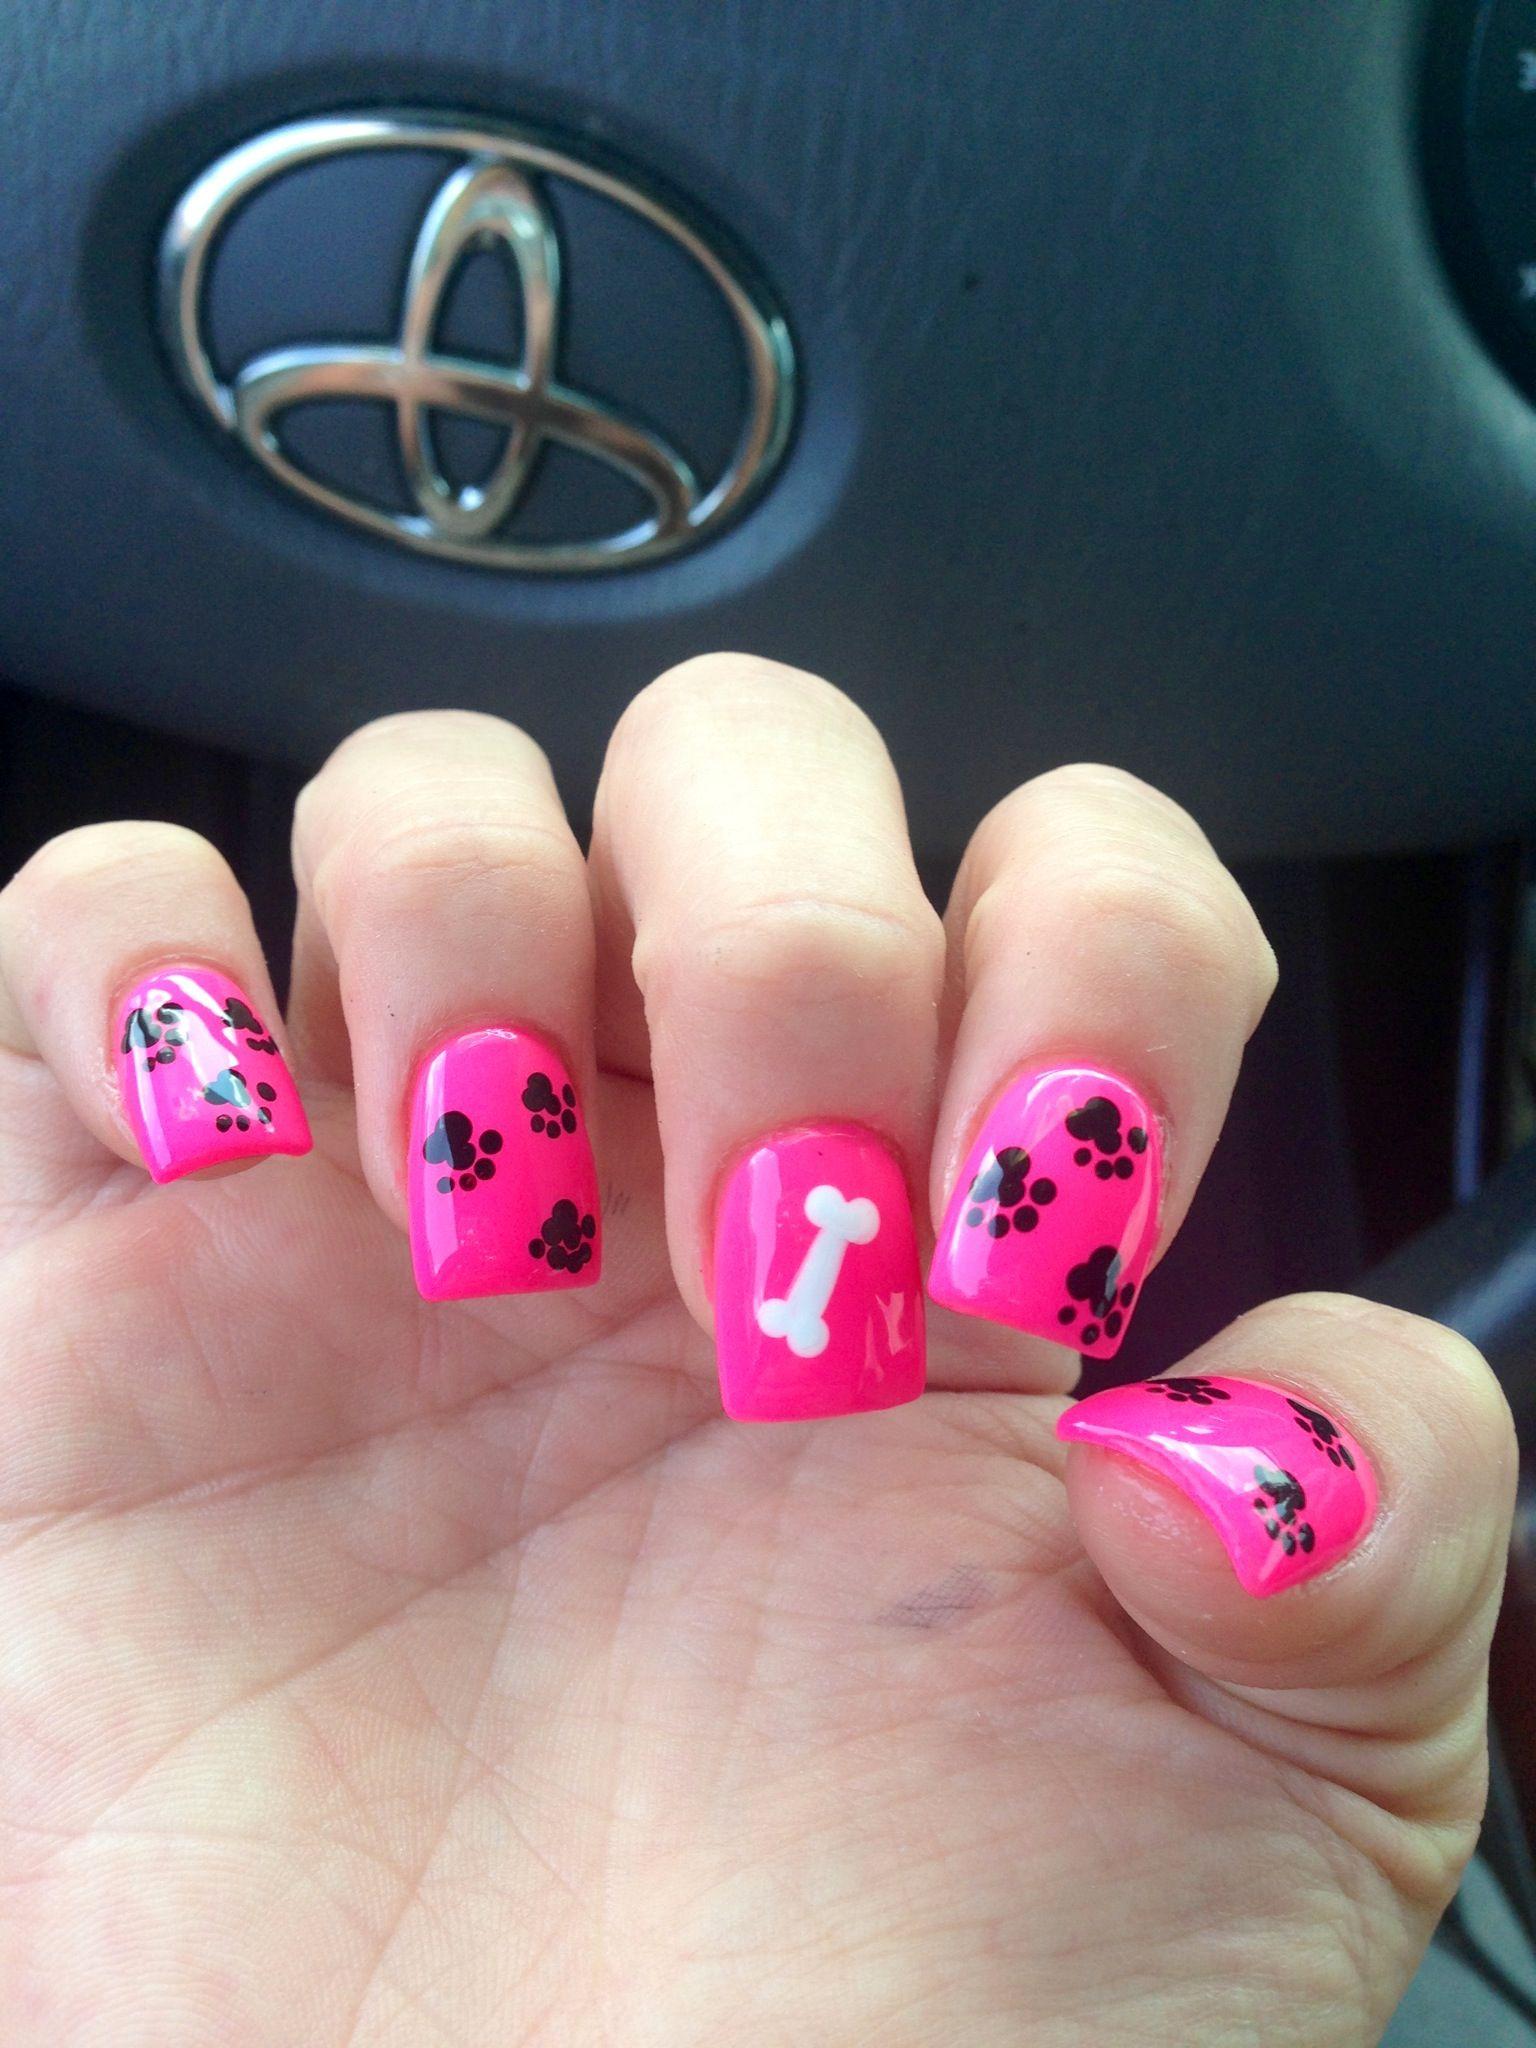 Paw print nails | My Nails | Pinterest | Paw print nails, Printing ...